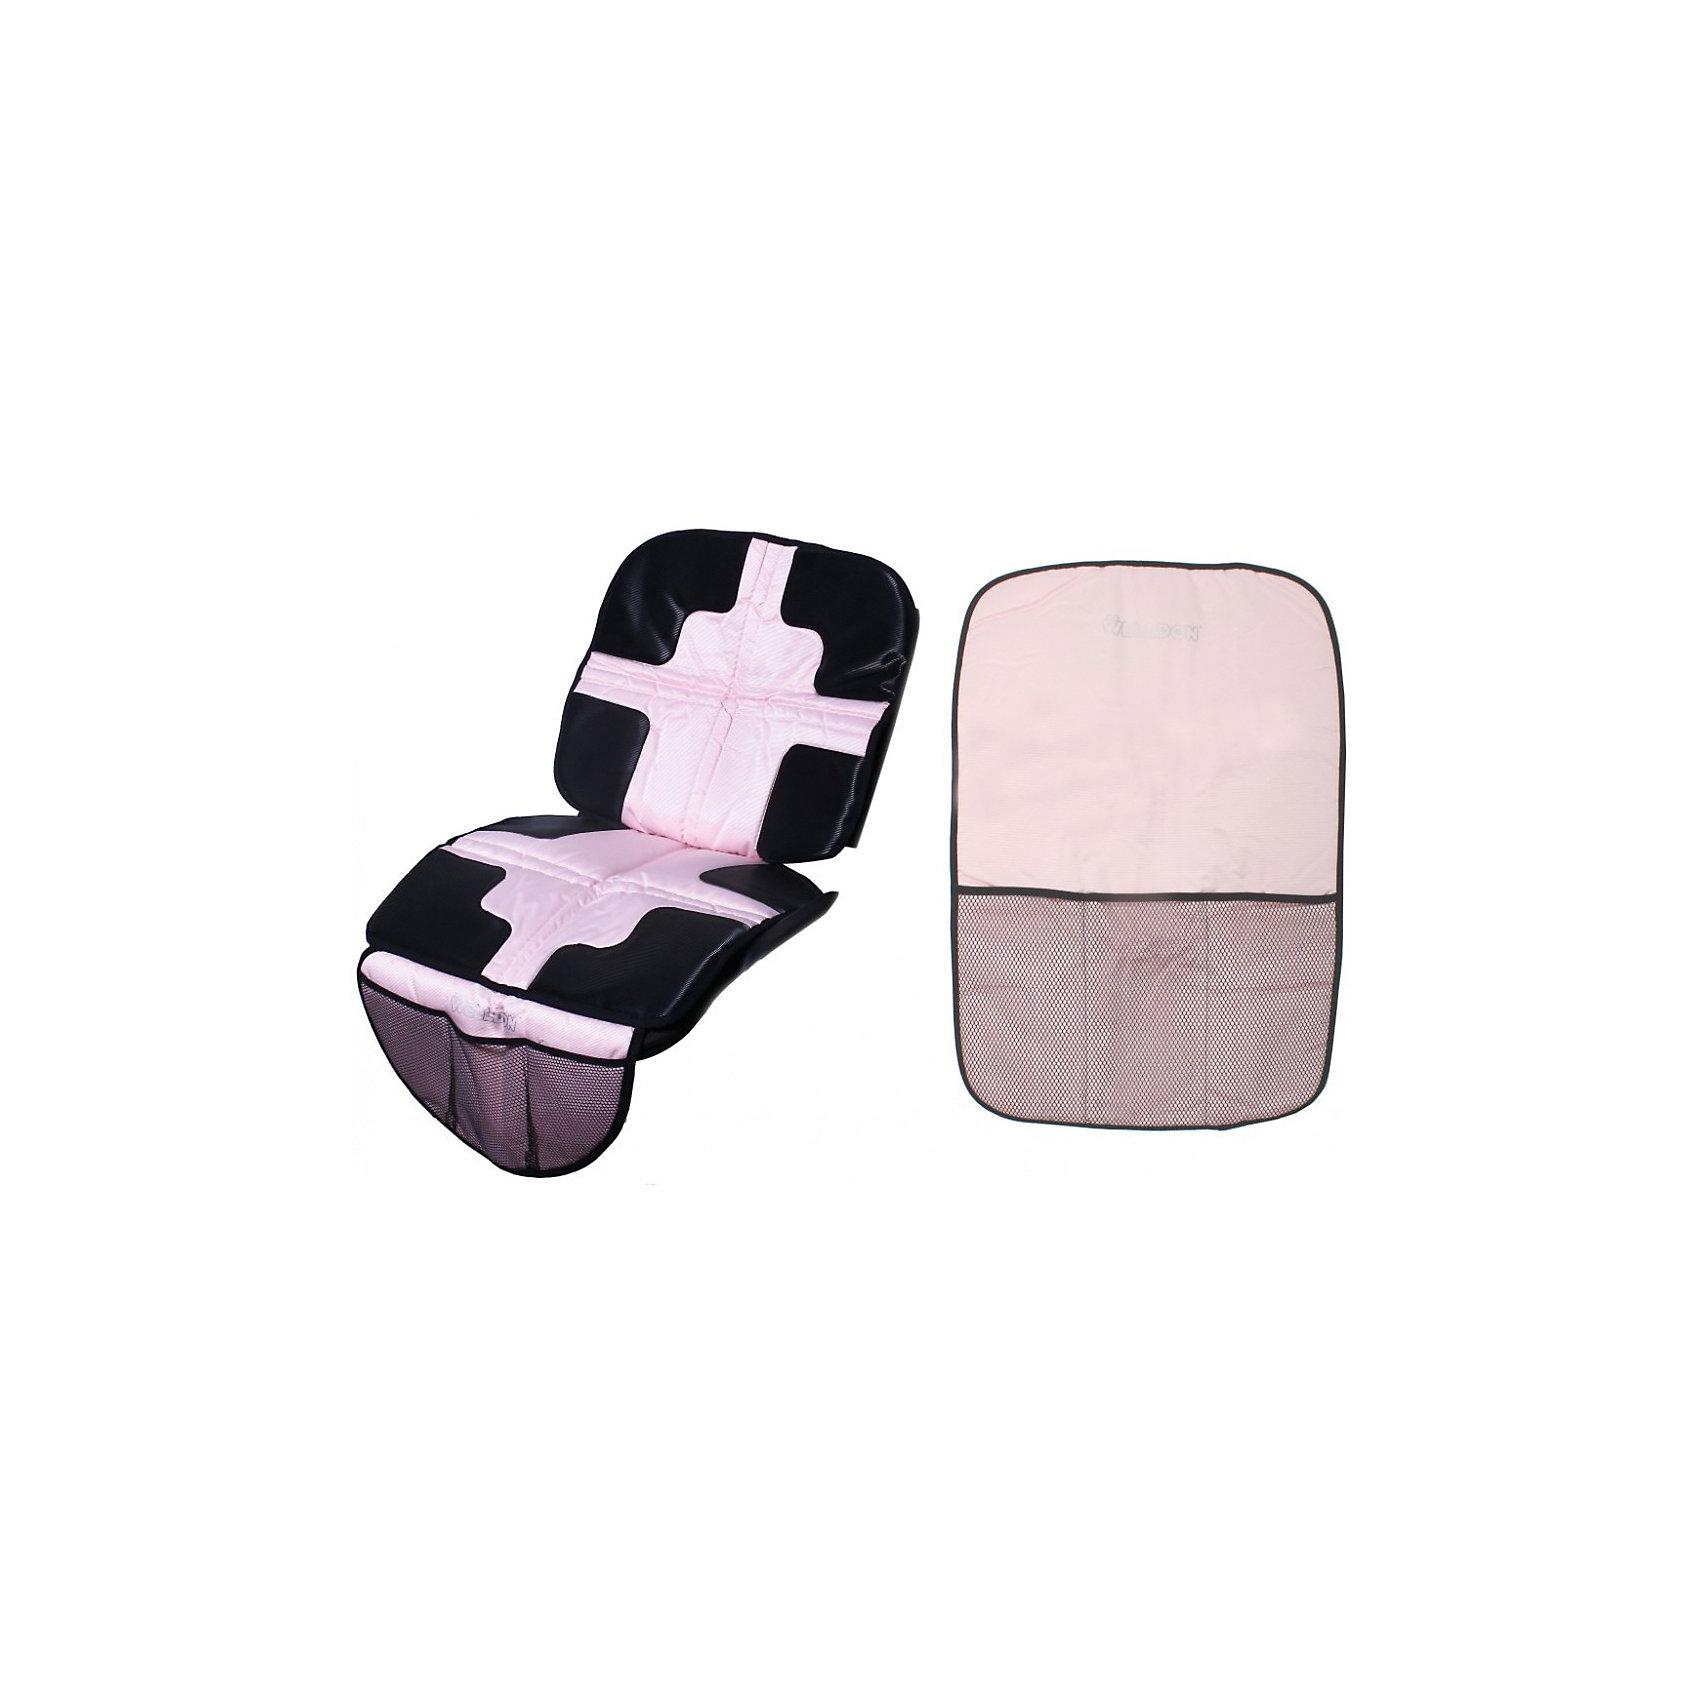 Набор коврик + органайзер, Welldon, розовыйНабор коврик + органайзер, Welldon, розовый - удобное решение для путешествий с малышом на автомобиле.<br>Набор коврик + органайзер от Welldon (Велдон) – это отличный вариант, сочетающий в себе лаконичный дизайн и эргономичность. Коврик крепится под детское автокресло, защищая сиденье автомобиля от загрязнений, вмятин, царапин и следов от детского автокресла. Чтобы прикрепить коврик, нужно протянуть крепеж между складками сиденья. Задняя поверхность коврика не дает ему скользить по сидению. В нижней части коврика есть три отделения для мелочей. Функциональный органайзер позволит поддерживать в машине порядок, может быть использован для хранения игрушек, документов и других детских принадлежностей. В нем есть множество тканевых и сетчатых карманов. При помощи специальных ремешков органайзер крепится на спинку переднего водительского или пассажирского сидения.<br><br>Дополнительная информация:<br><br>- Материал: износостойкий текстиль, ПВХ, полиэстер, сетка<br>- Цвет: розовый<br>- Размер органайзера: 60х42 см.<br>- Ширина коврика под автокресло: 47 см.<br>- Глубина по сиденью коврика под автокресло: 42 см.<br><br>Набор коврик + органайзер, Welldon, розовый можно купить в нашем интернет-магазине.<br><br>Ширина мм: 400<br>Глубина мм: 330<br>Высота мм: 600<br>Вес г: 3500<br>Возраст от месяцев: 6<br>Возраст до месяцев: 36<br>Пол: Унисекс<br>Возраст: Детский<br>SKU: 4811297